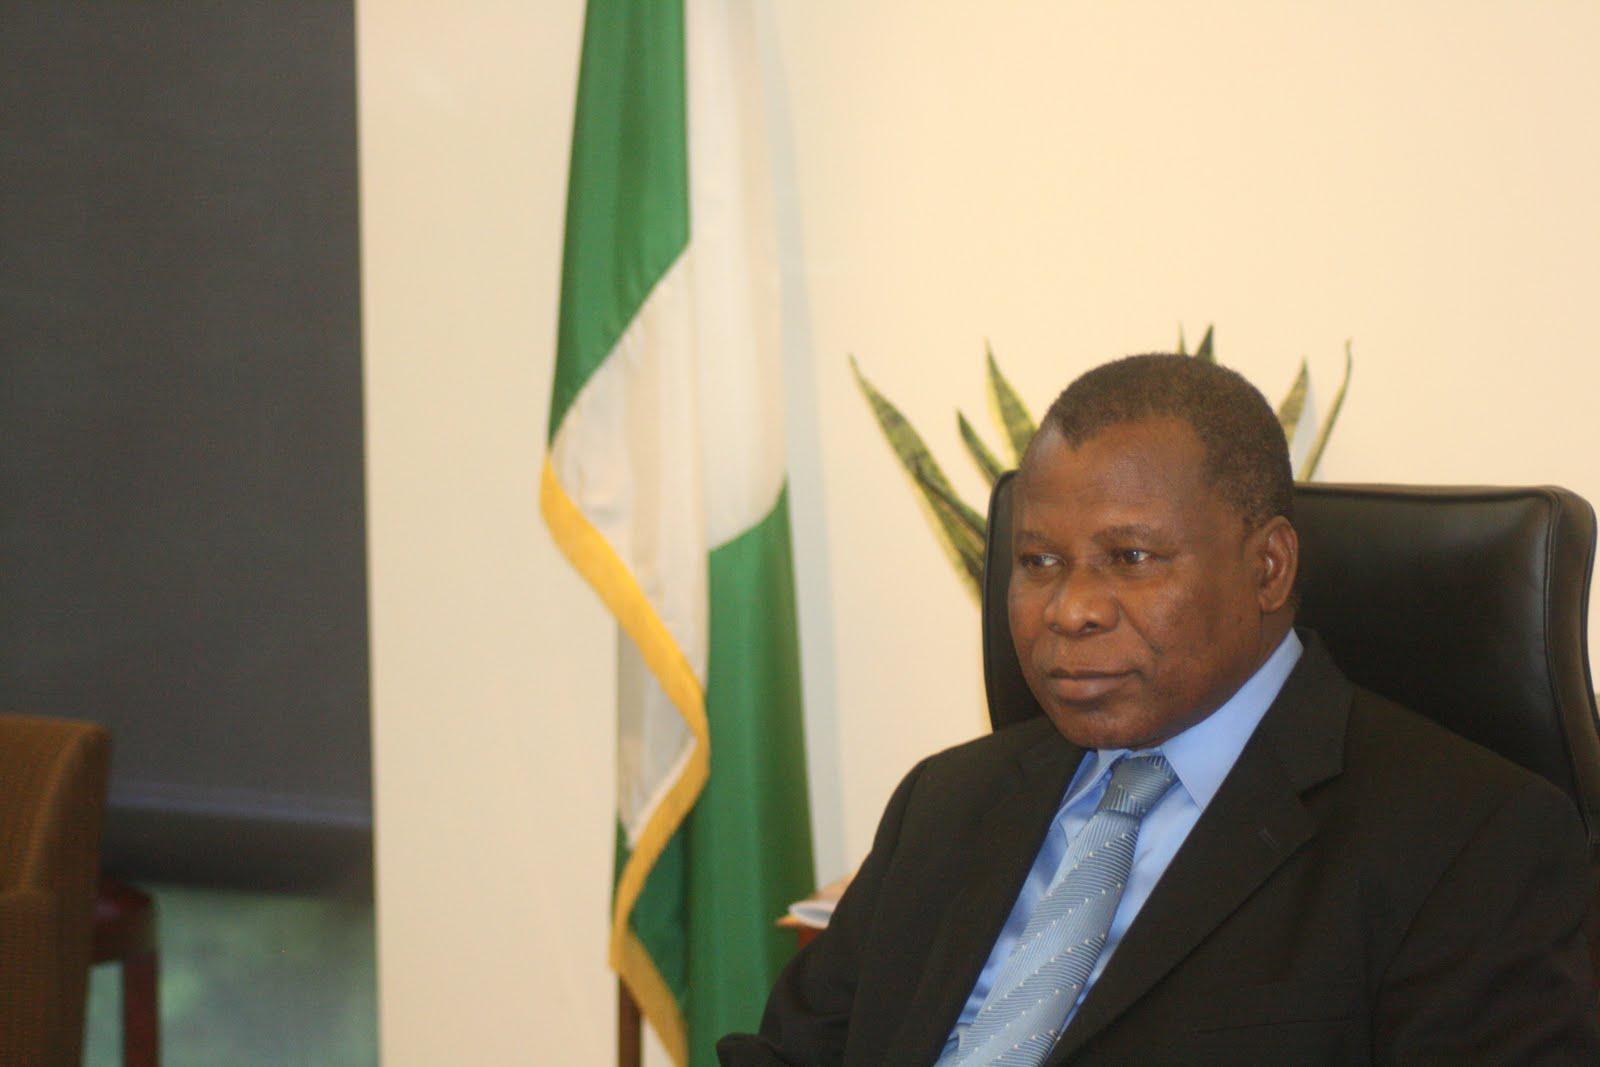 Late Ambassador Adebowale Ibidapo Adefuye